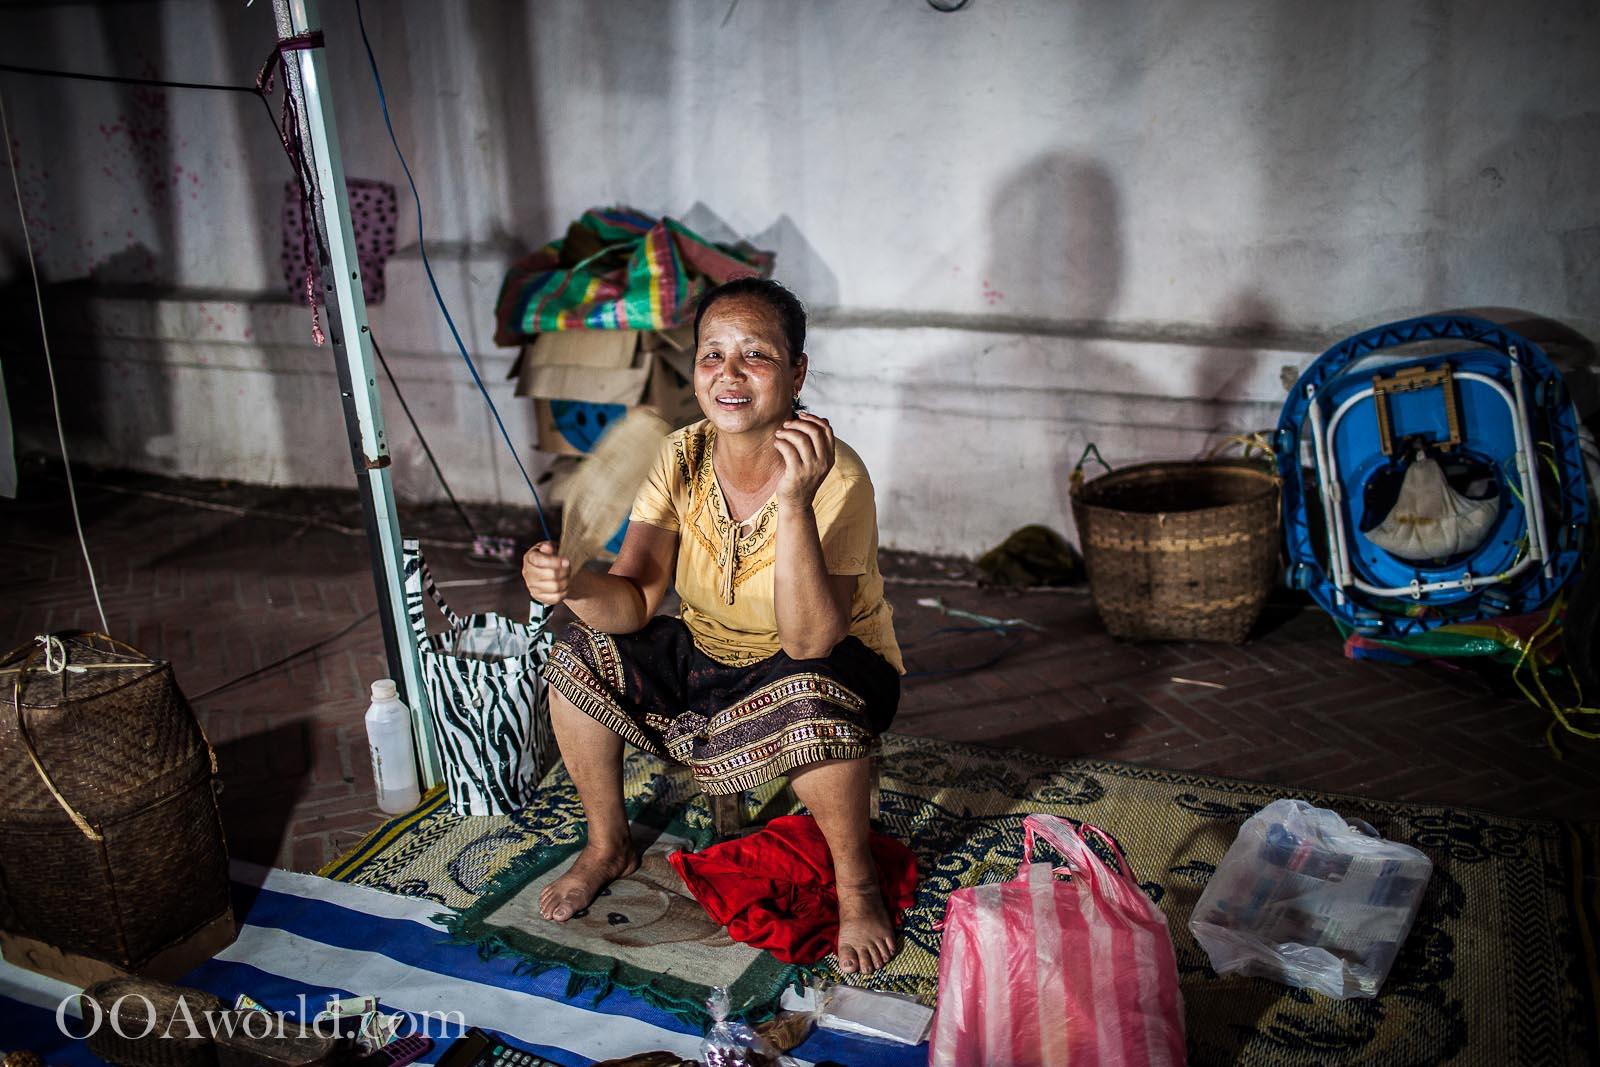 Woman at Luang Prabang Night Market Photo Ooaworld